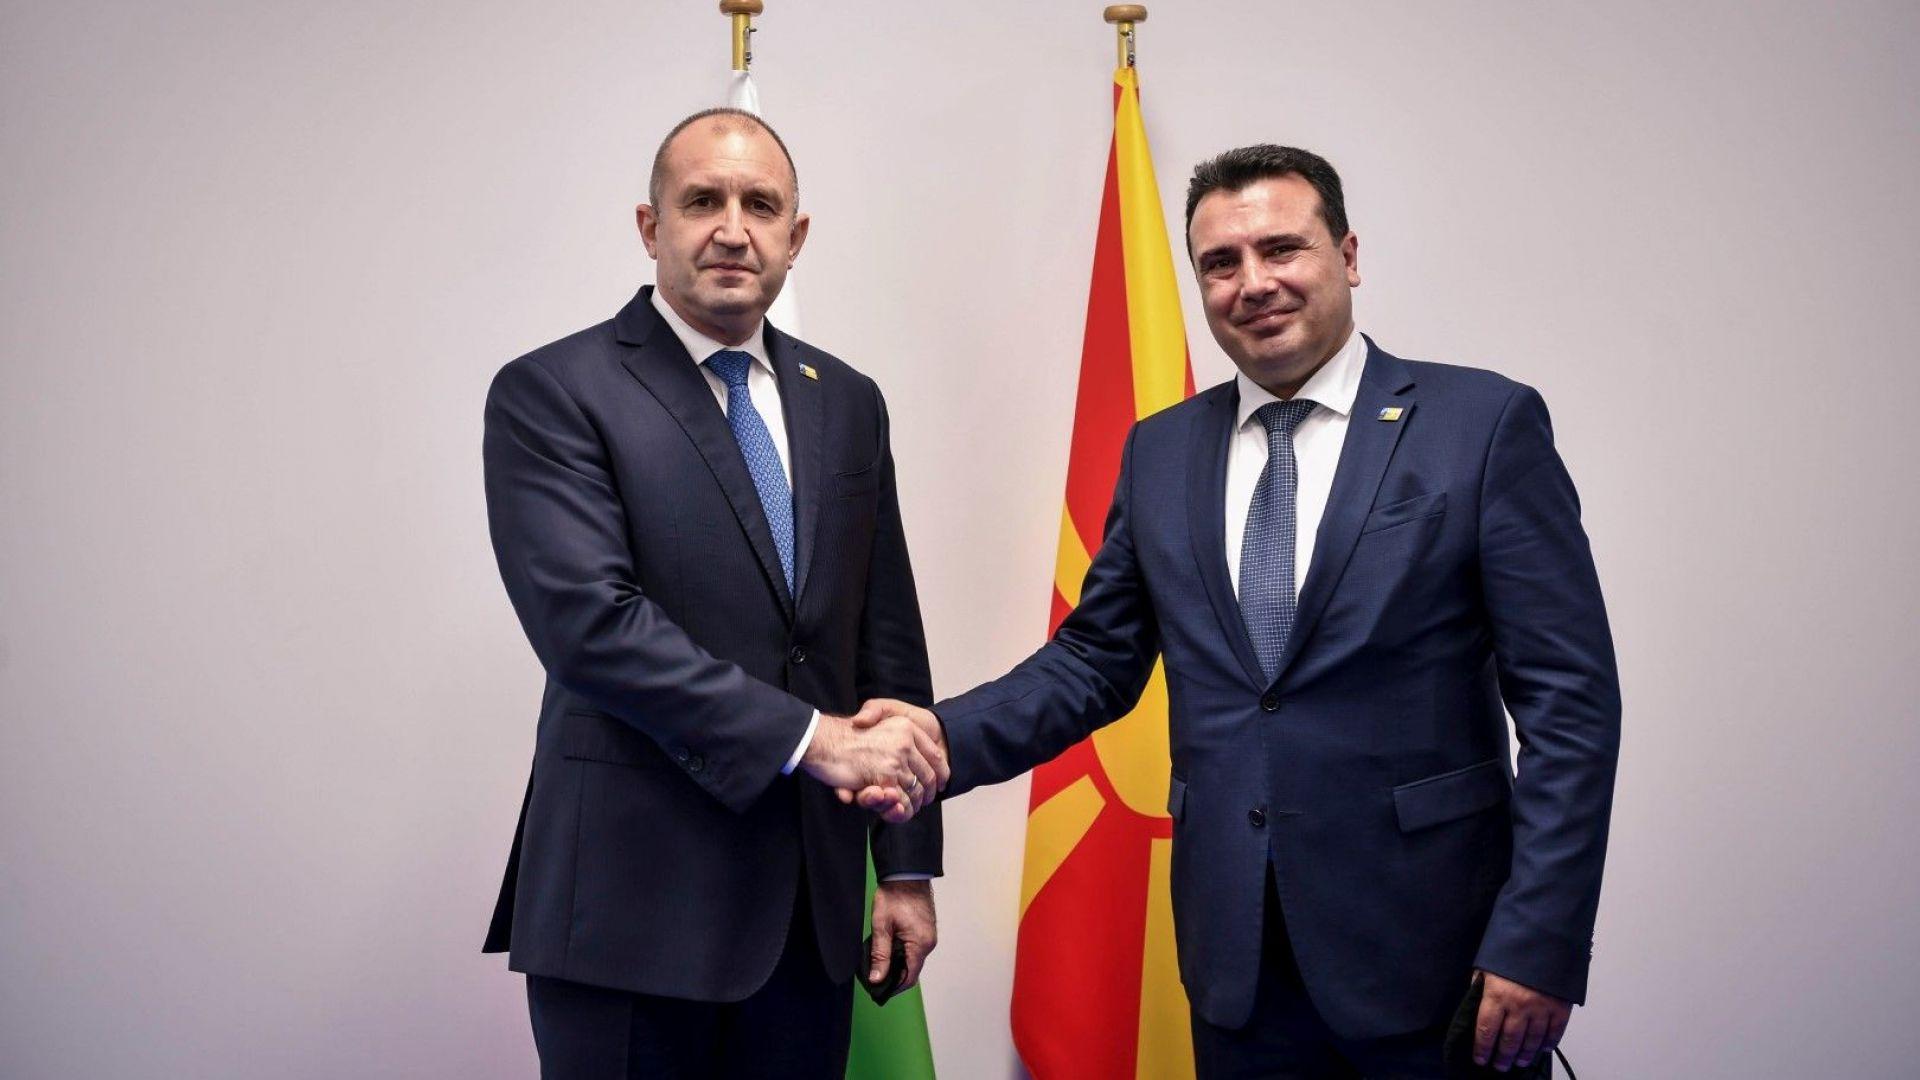 Радев и Заев обсъдиха евроинтеграцията на РСМ в Брюксел